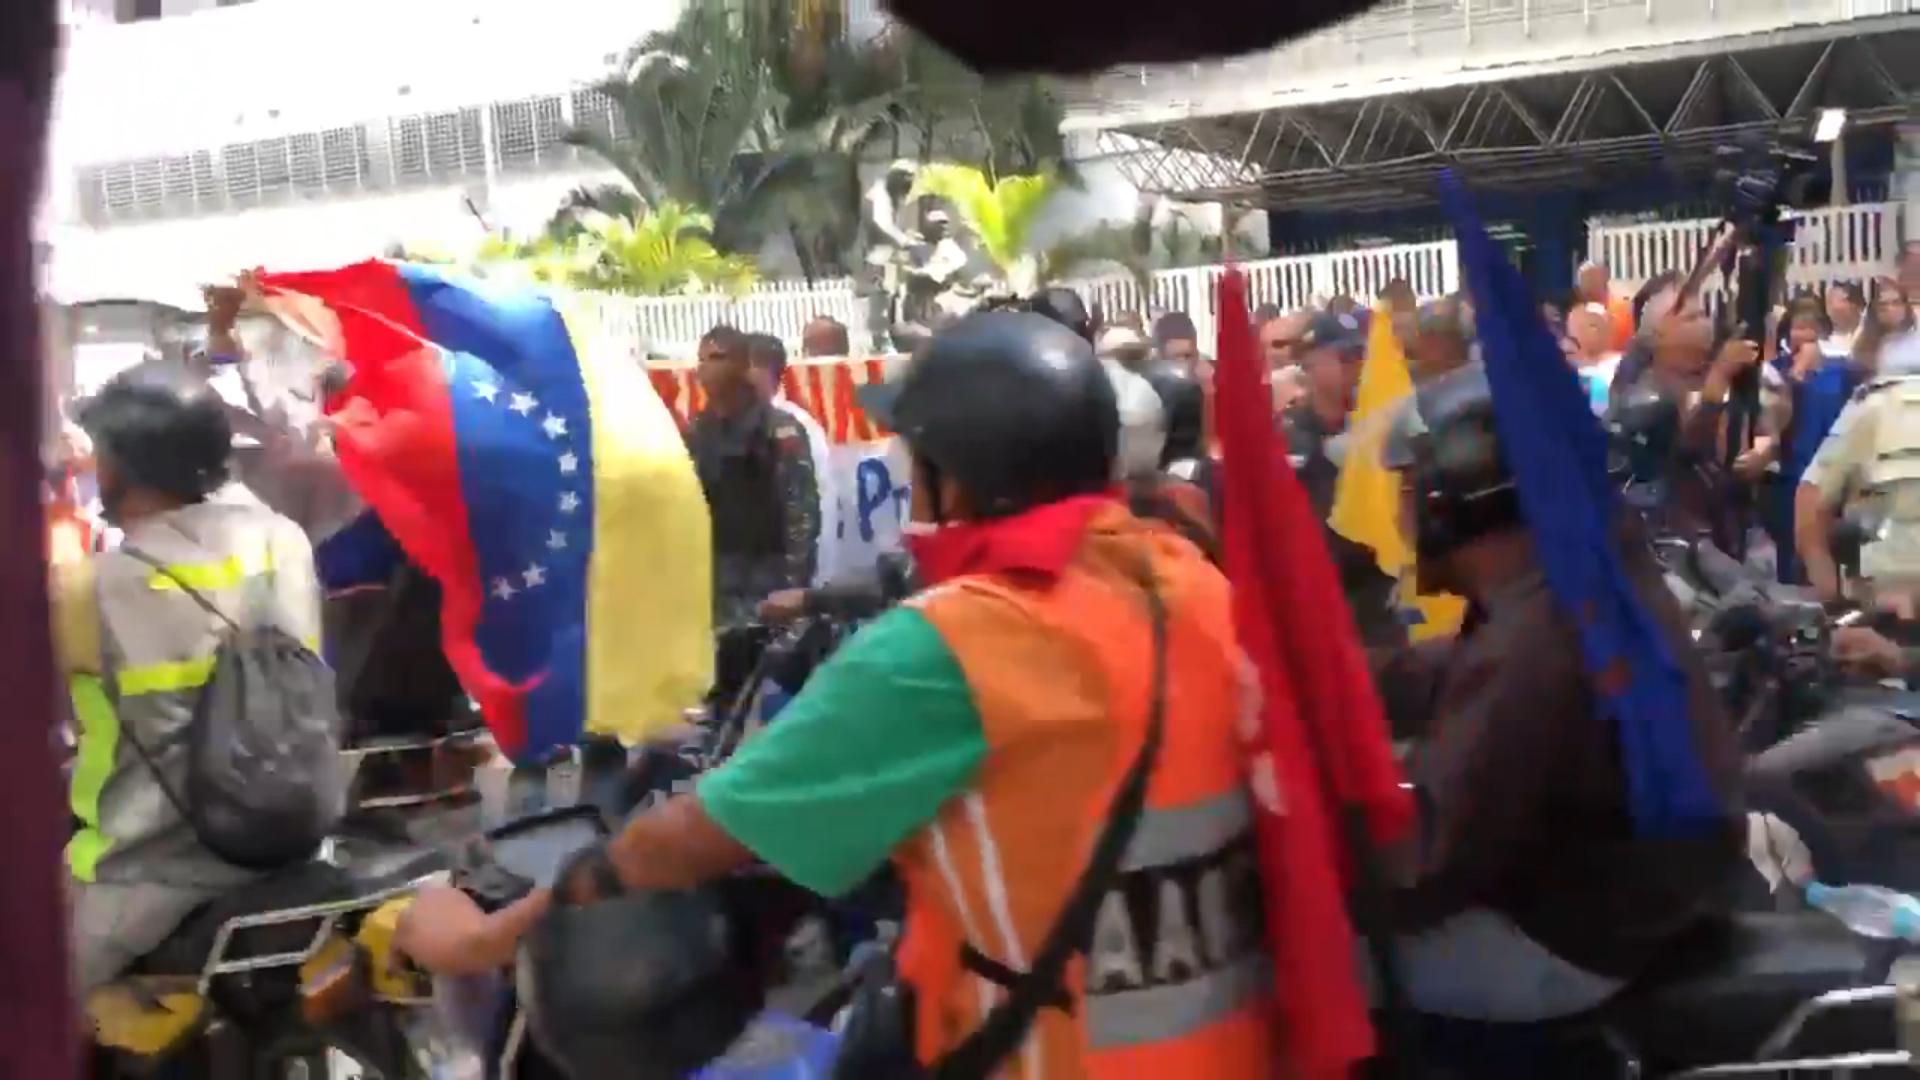 Los colectivos son las fuerzas de choque del chavismo